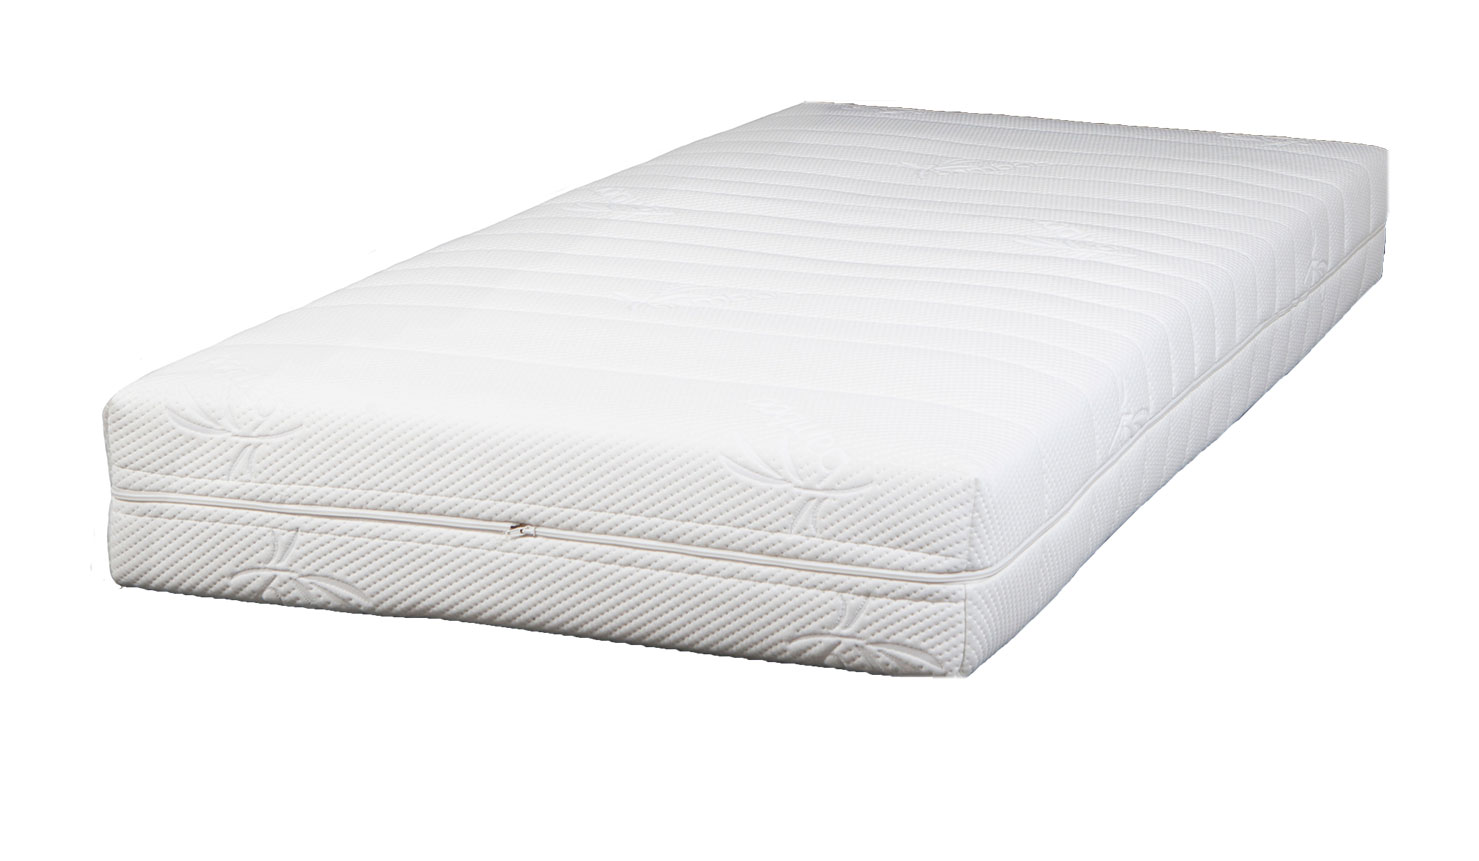 Polyether Matras Kopen : Stevig pocketveer matras pocketveer matras kopen tegen actie prijzen